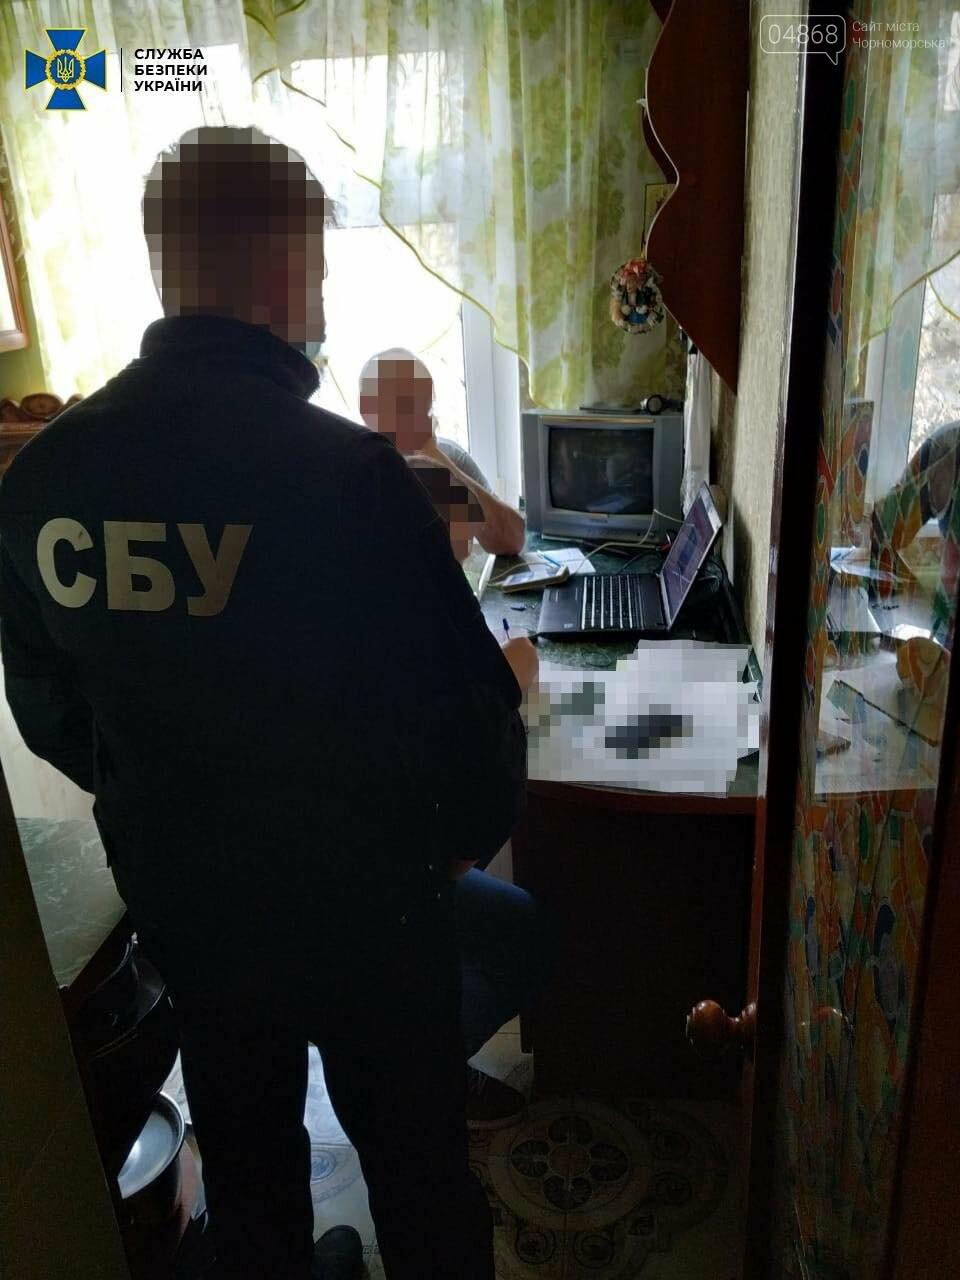 В Одессе разоблачены агитаторы, пропагандировавшие захват власти в стране, фото-1